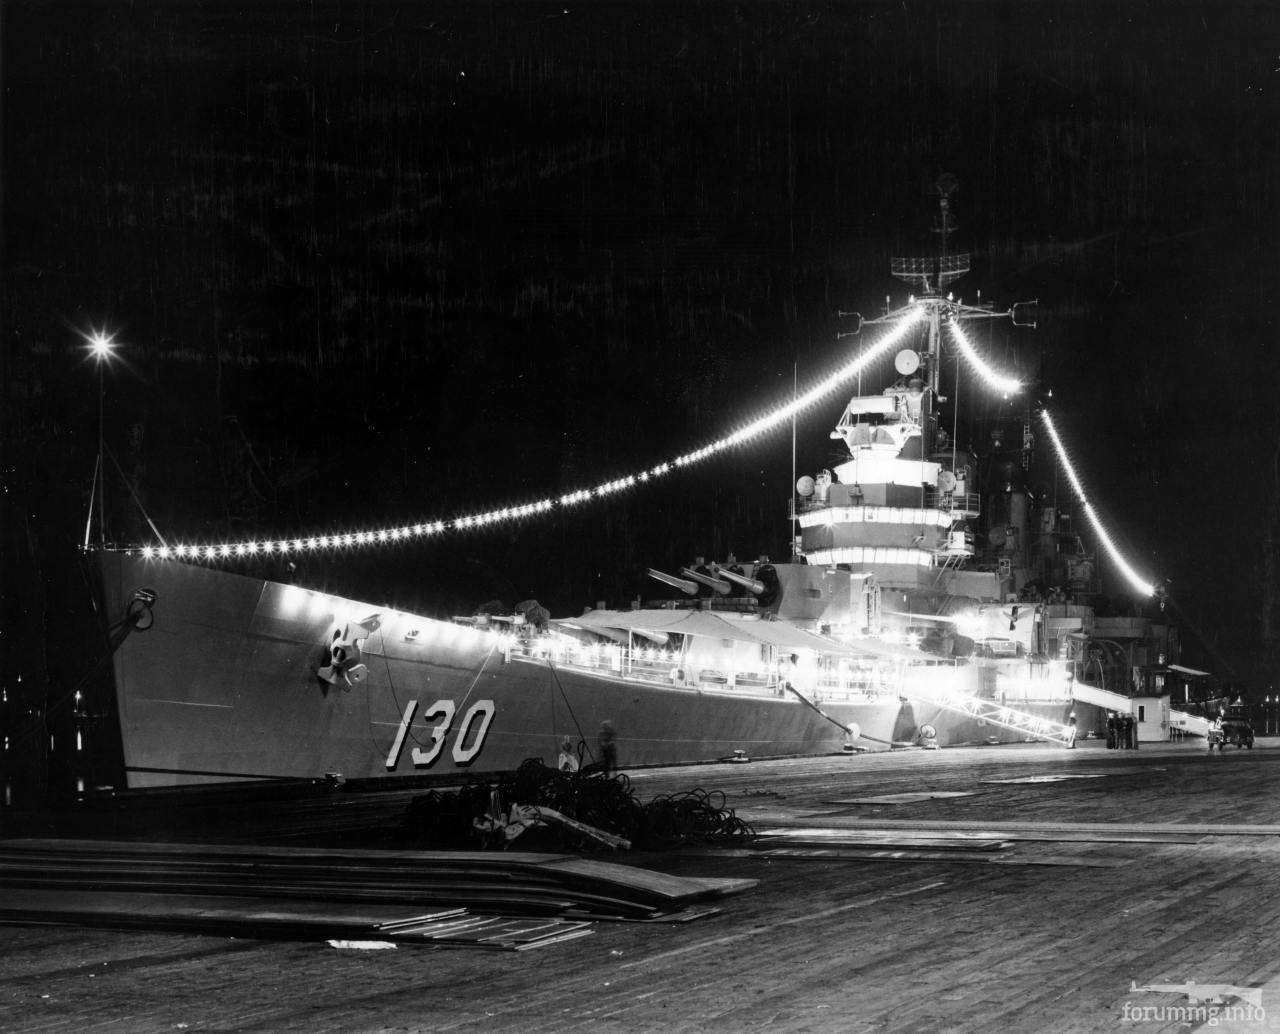 124414 - Тяжелый крейсер USS Bremerton (CA-130) в Сиднее на 17-ю годовщину сражения в Коралловом море, 1959 г.